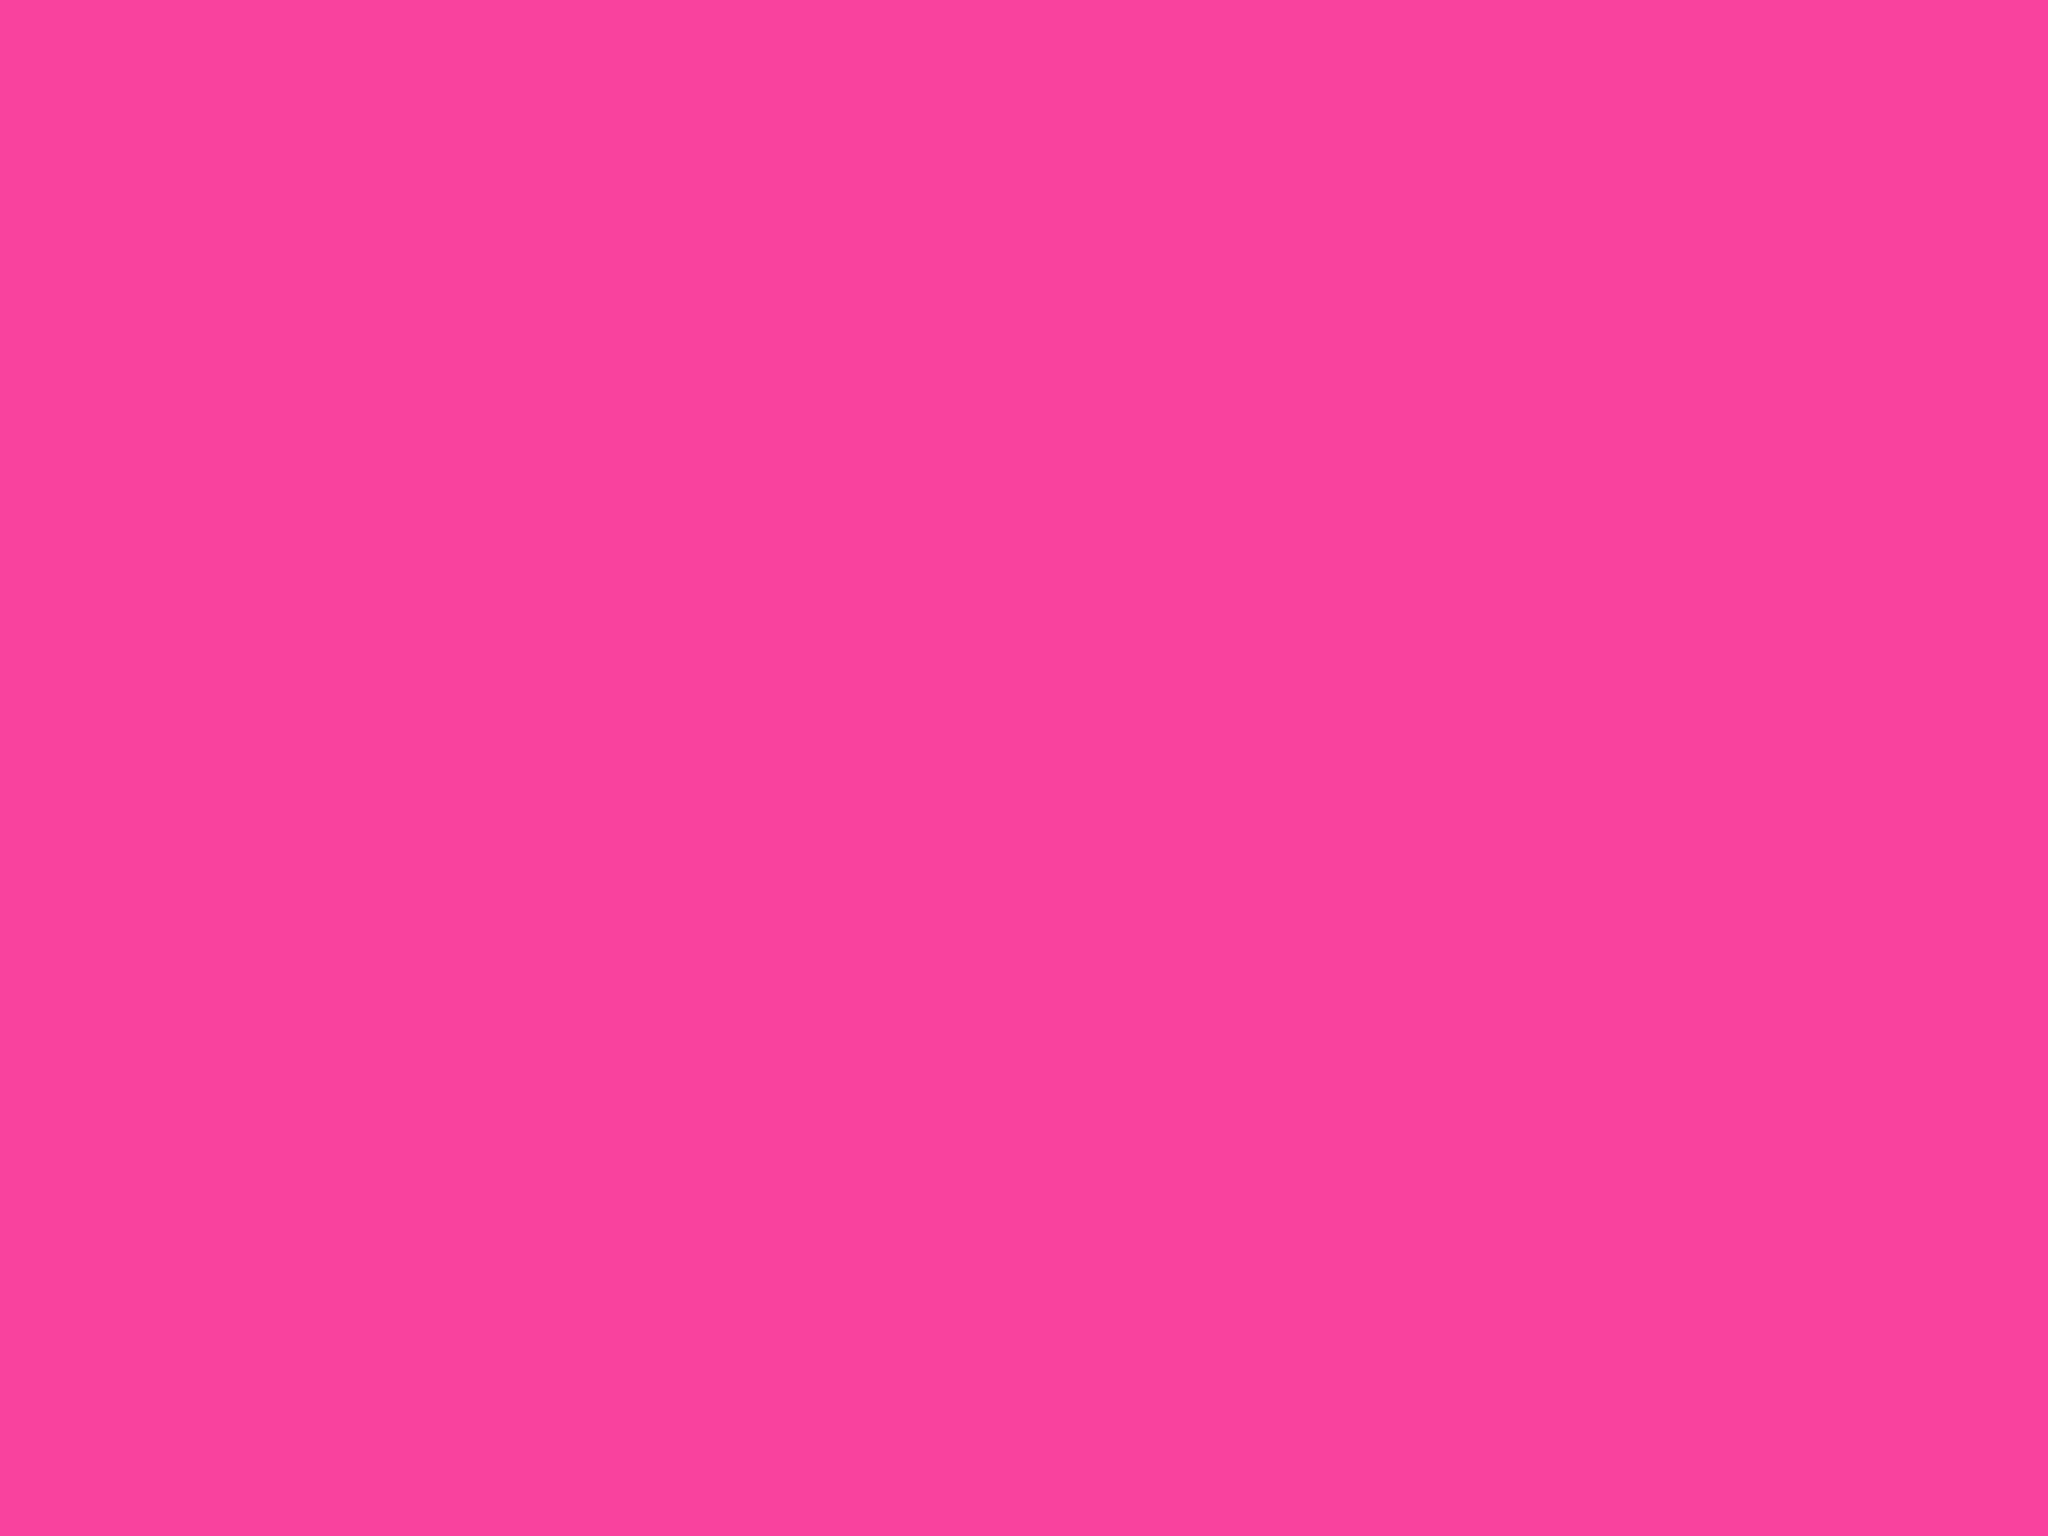 2048x1536 Rose Bonbon Solid Color Background